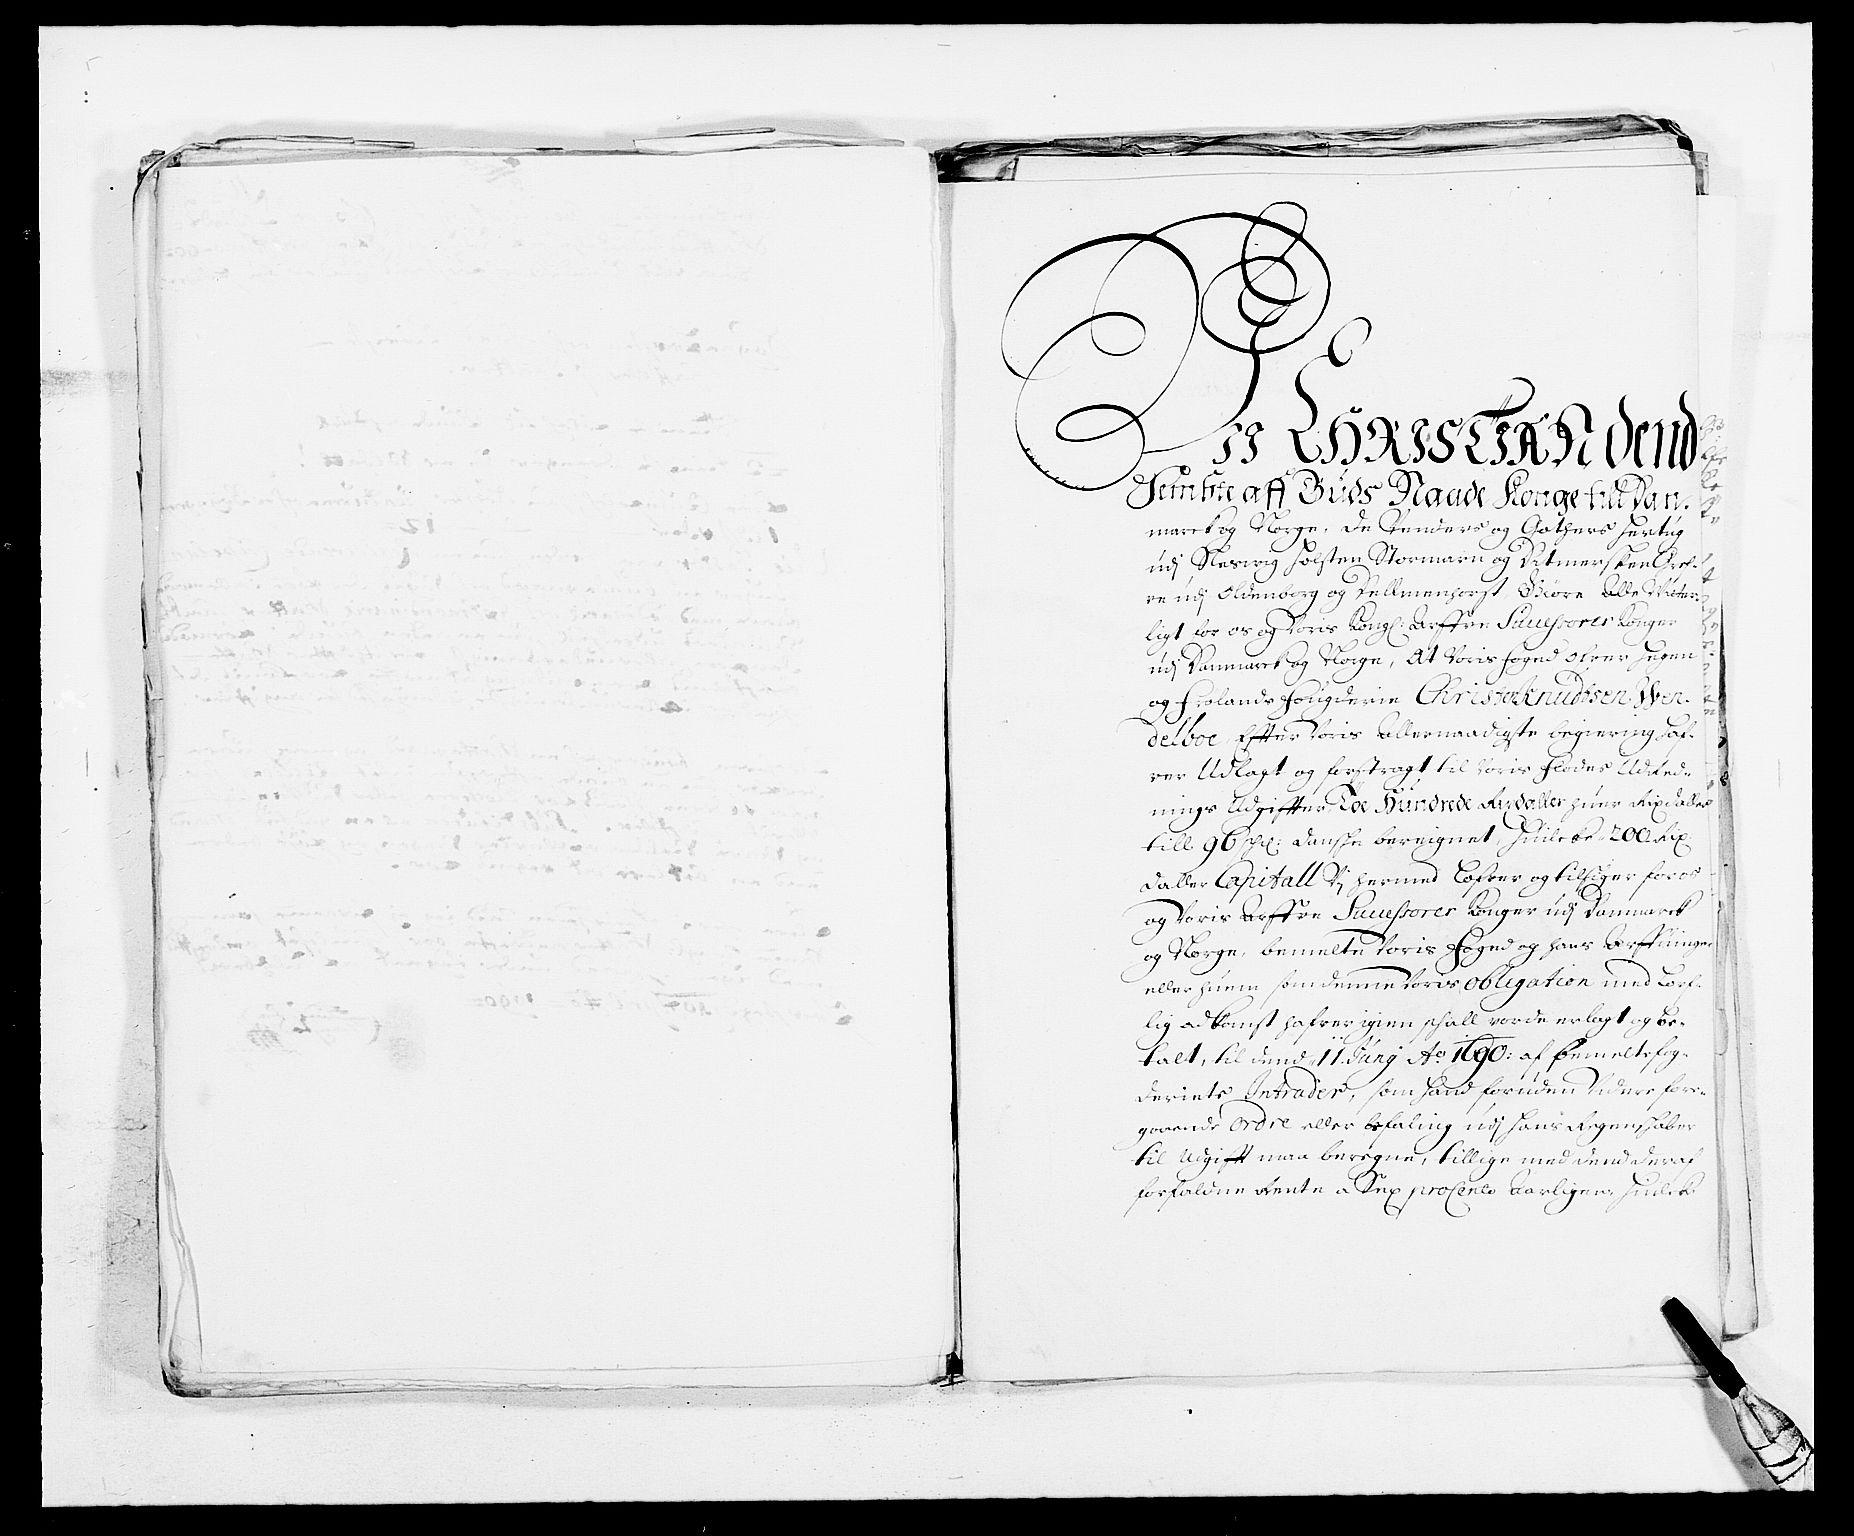 RA, Rentekammeret inntil 1814, Reviderte regnskaper, Fogderegnskap, R06/L0282: Fogderegnskap Heggen og Frøland, 1687-1690, s. 257